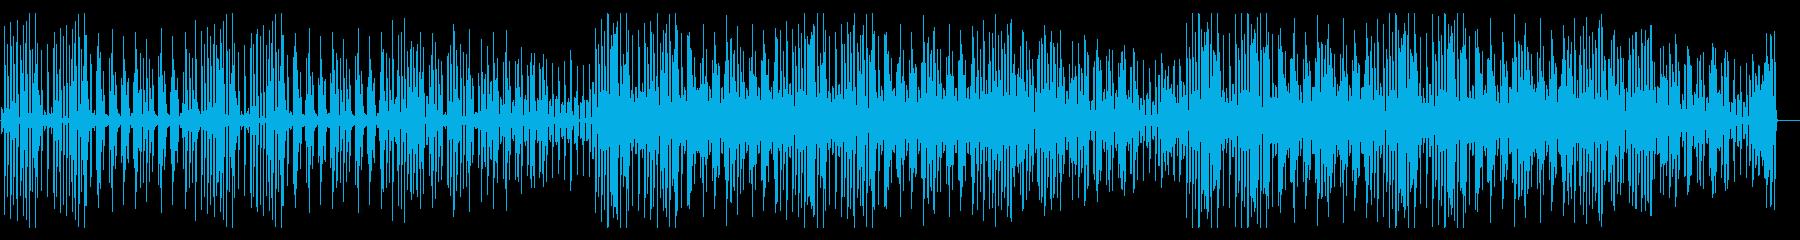 YouTube ピアノ・コミカル・料理の再生済みの波形